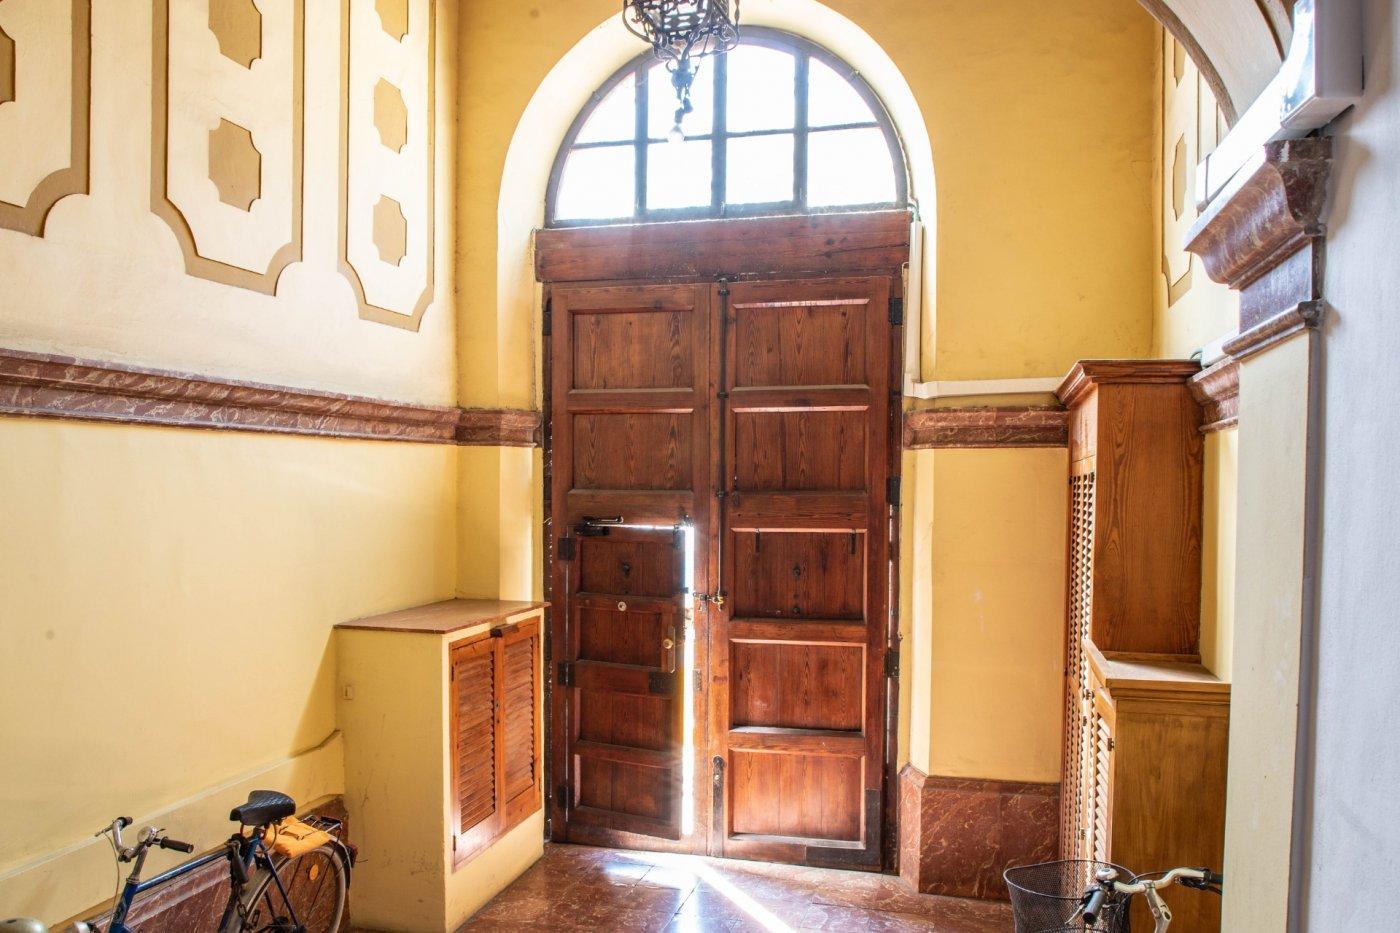 Precioso piso antiguo con mucho carácter en el centro de palma - imagenInmueble23